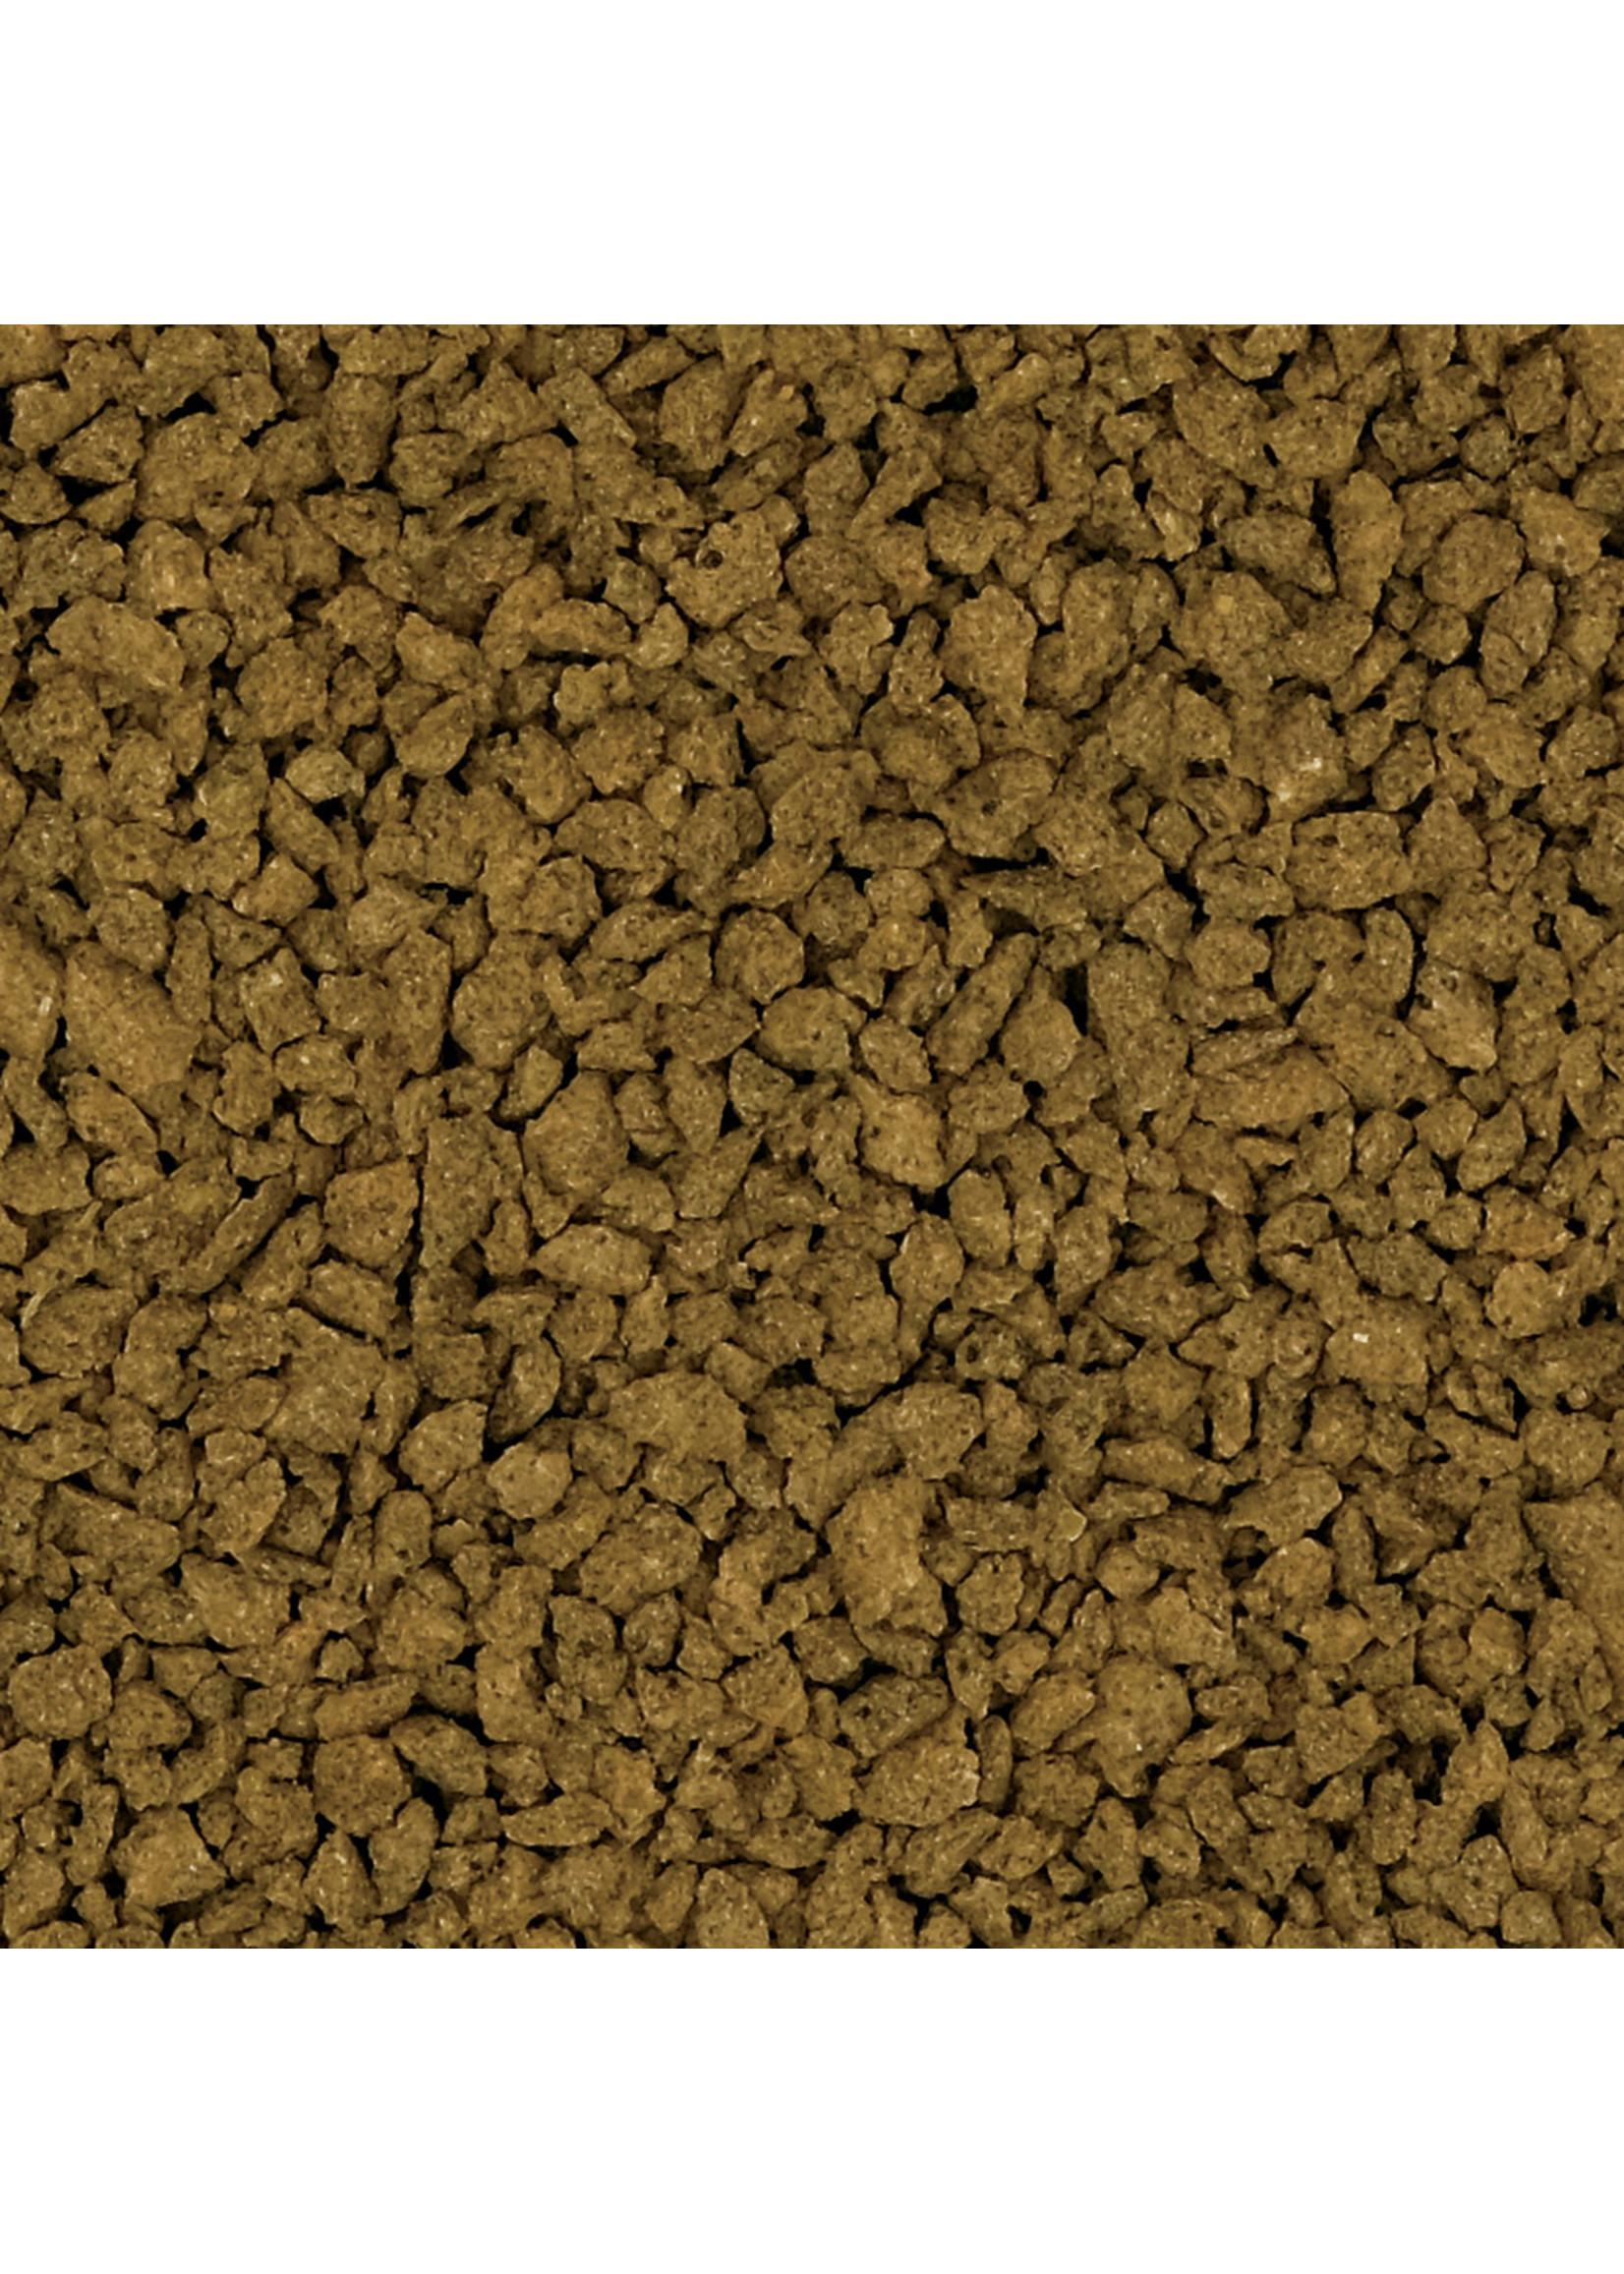 Fluval Fluval Bug Bites Cichlid Granules